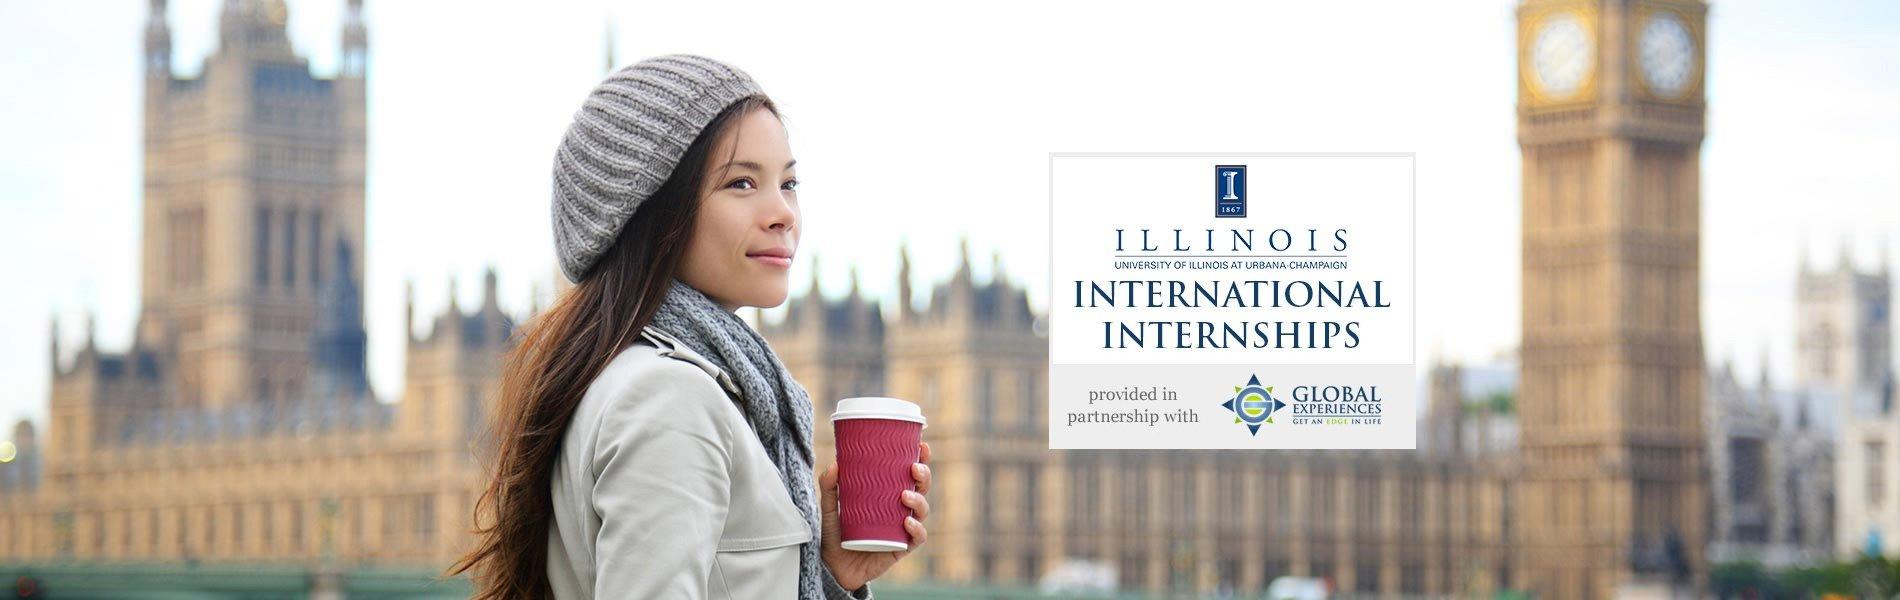 University of Illinois Intern Abroad